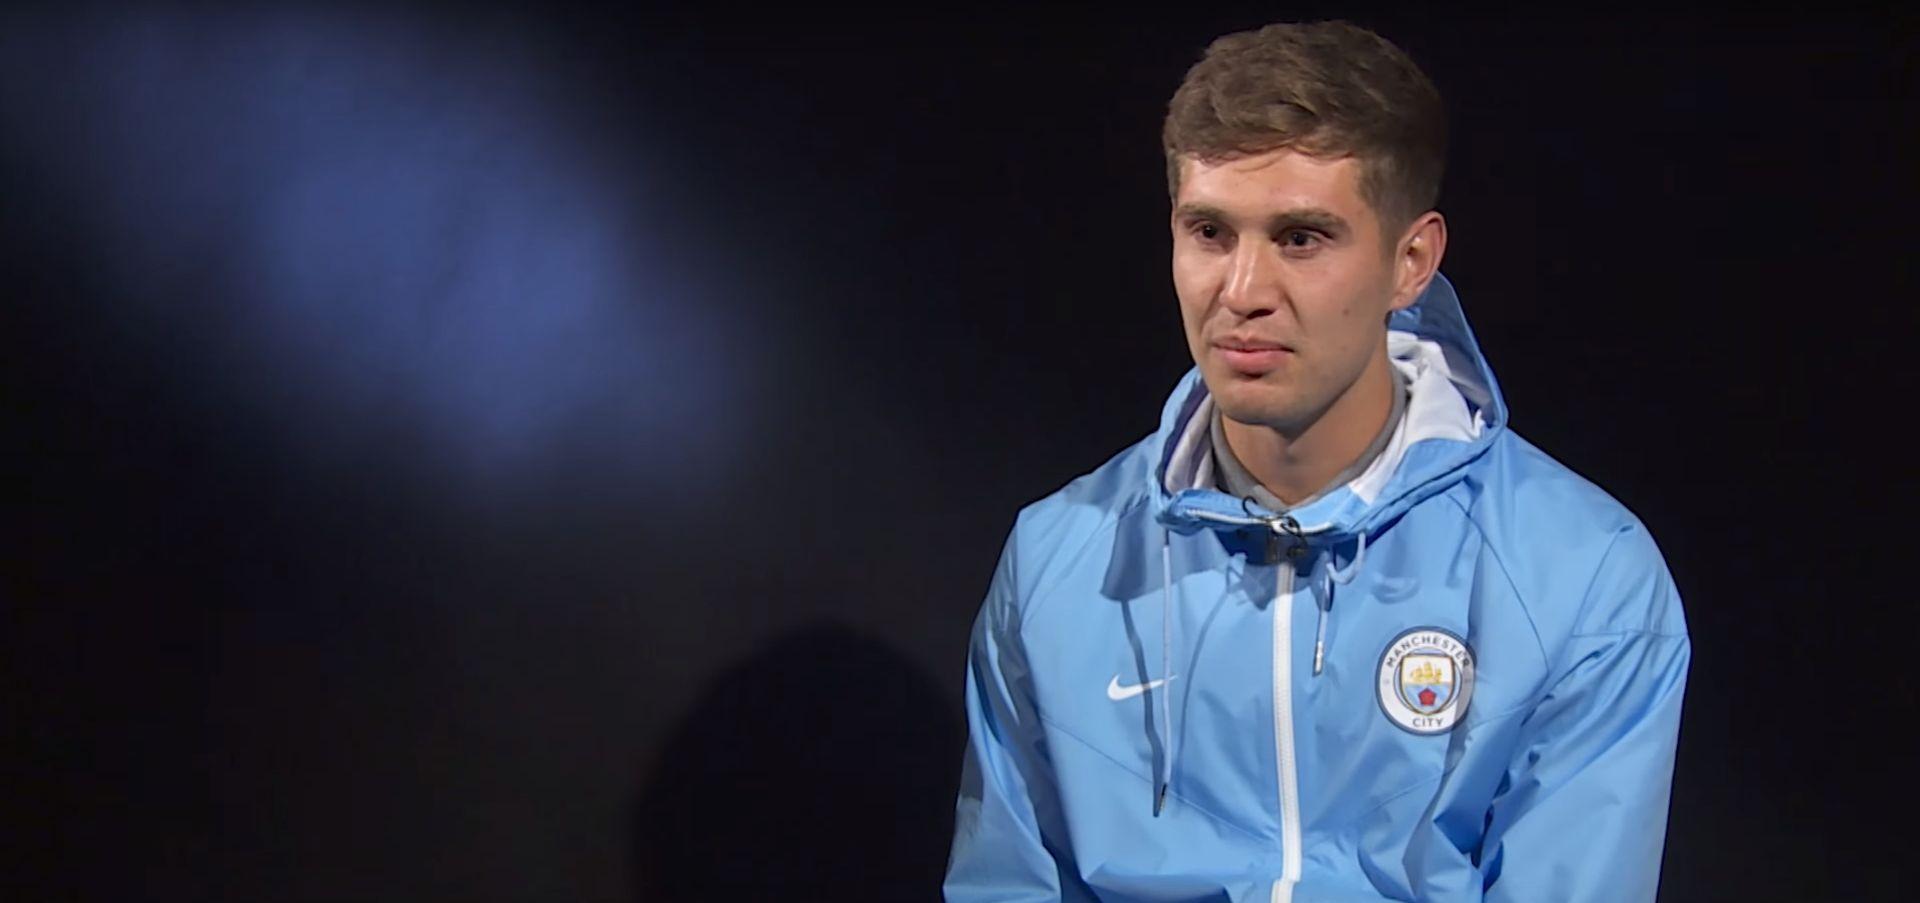 VIDEO: OSMO POJAČANJE GUARDIOLE City doveo Johna Stonesa za 55.5 milijuna eura